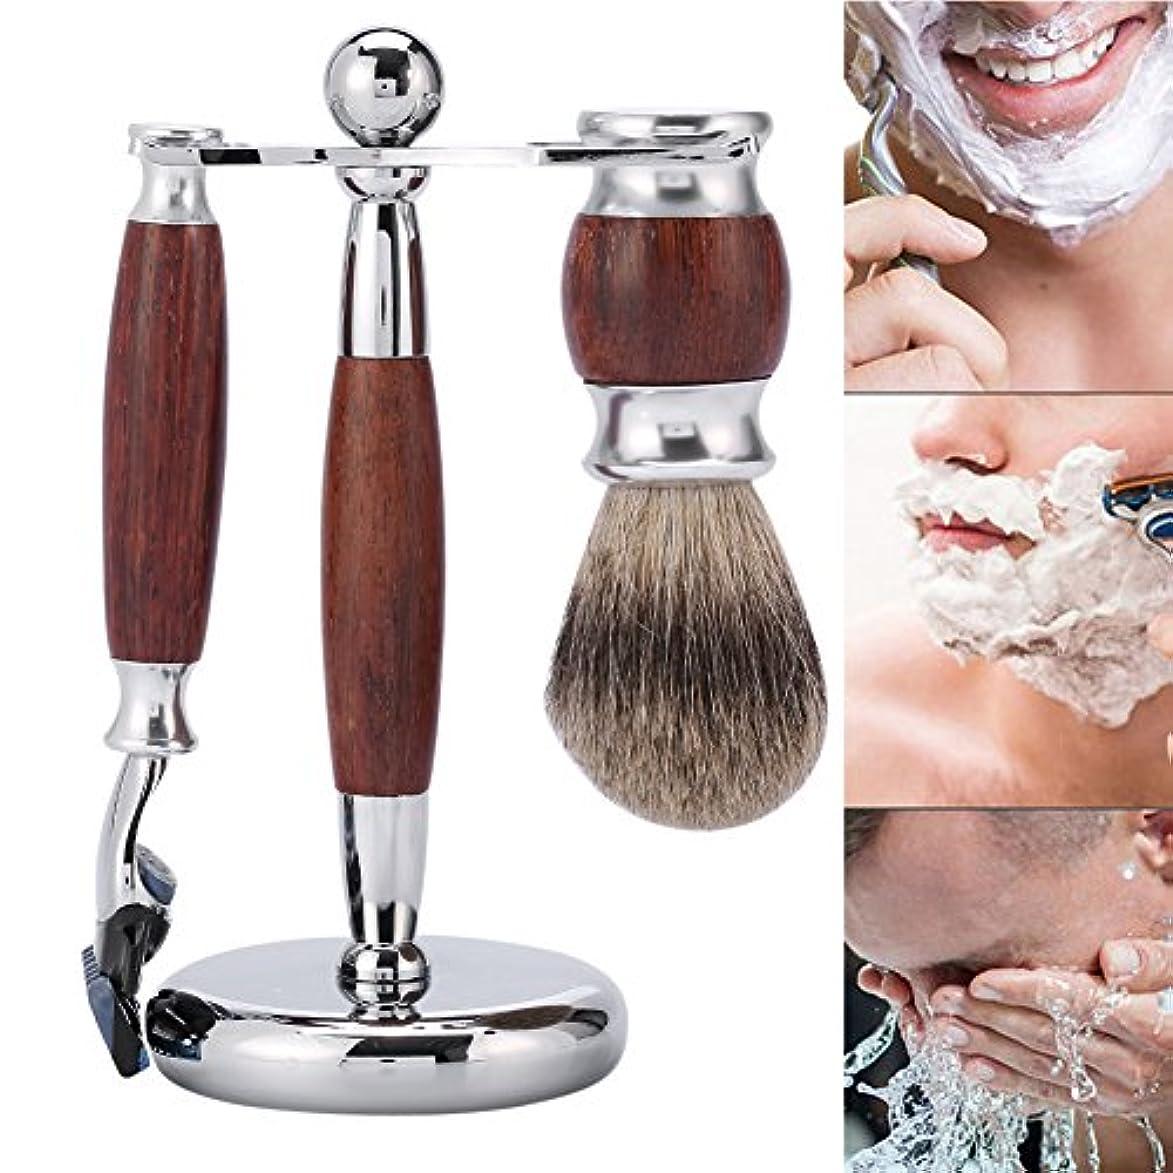 免疫不一致骨髄プロのひげを剃る、剃刀安全5層かみそり+マホガニーシェービングブラシとシェービングスリーブホルダーを剃ることは男性のための良い贈り物です